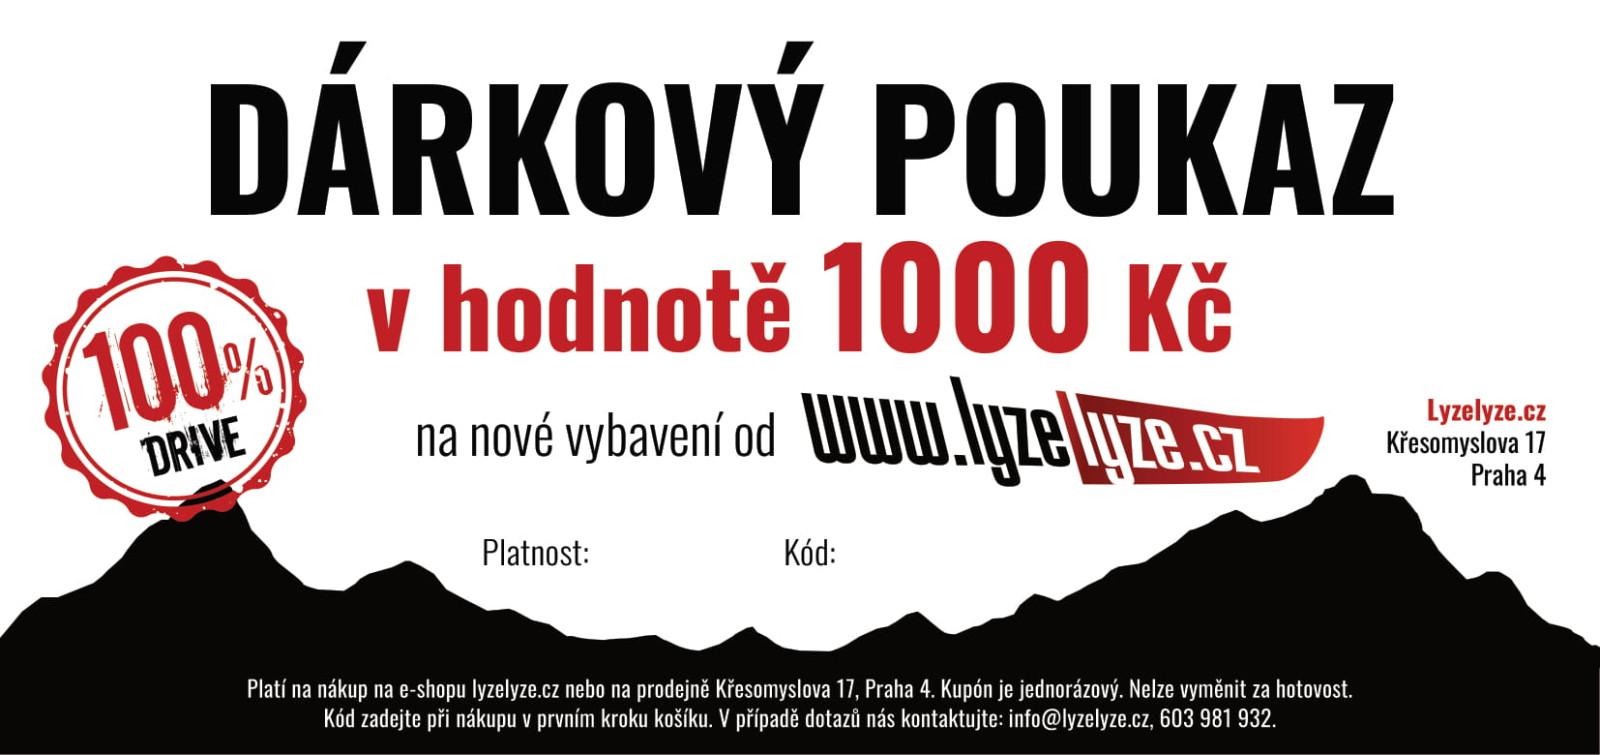 LyzeLyze.cz Dárkový poukaz 1000 Kč